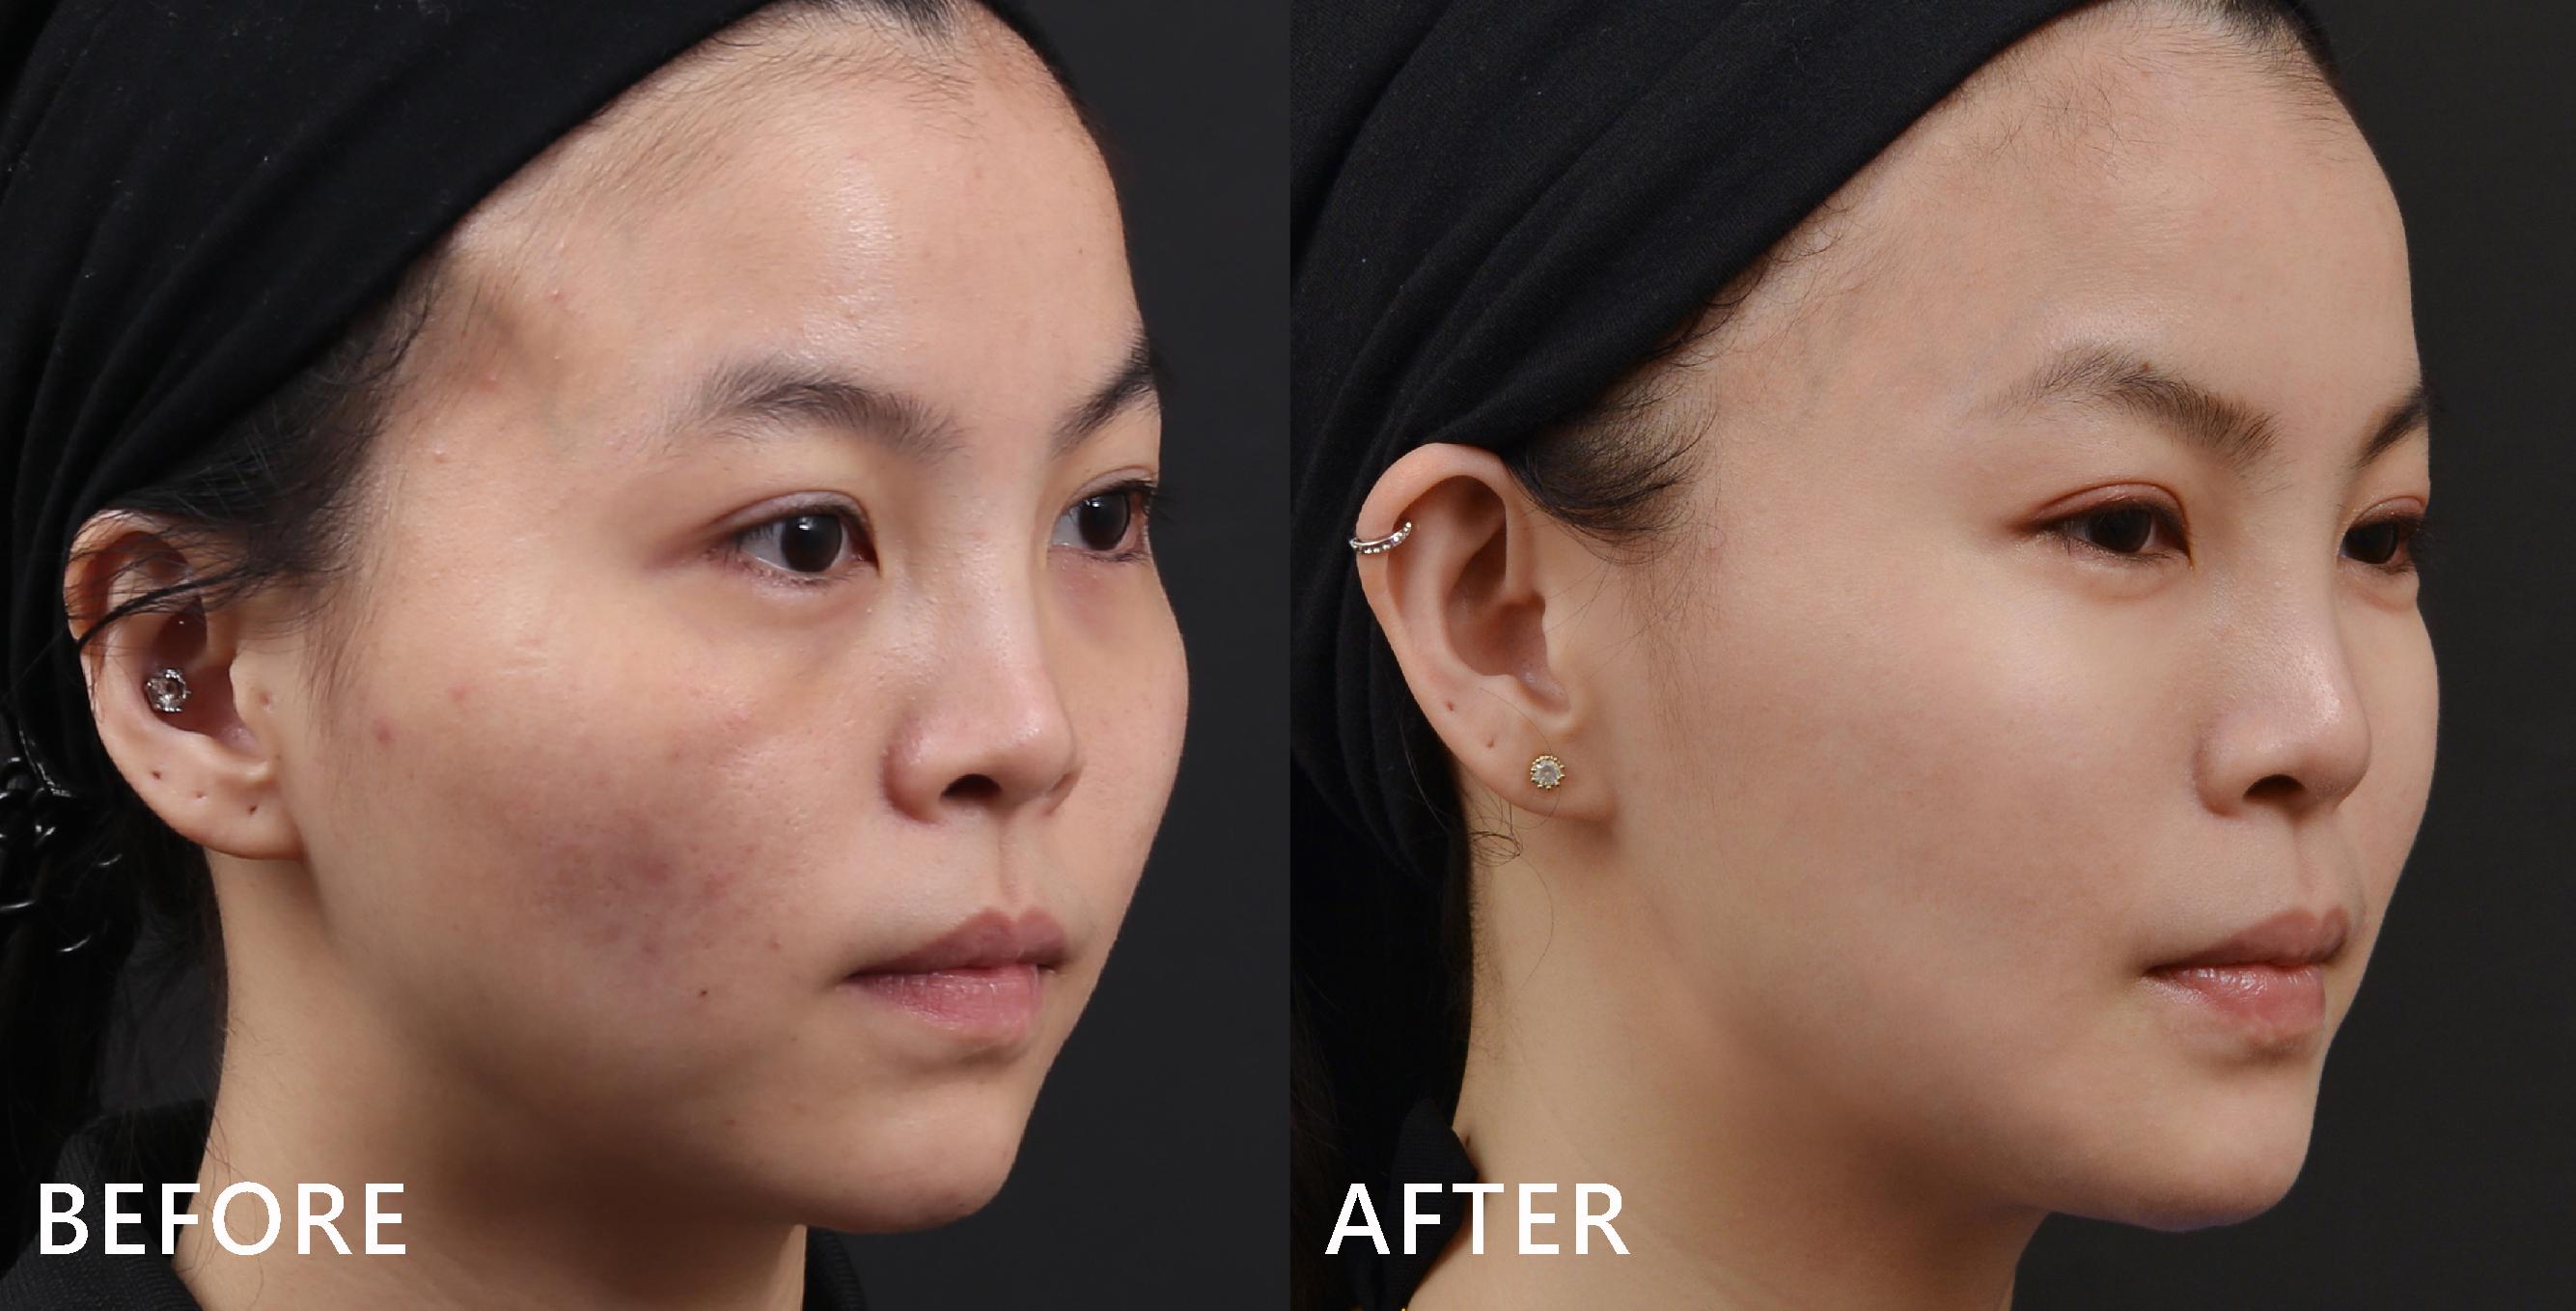 個案側面臉頰的斑塊,在奇蹟電波-GRF之後,具體得到淡化的效果,臉型弧度也變得柔順美麗。(實際效果因個案而異)